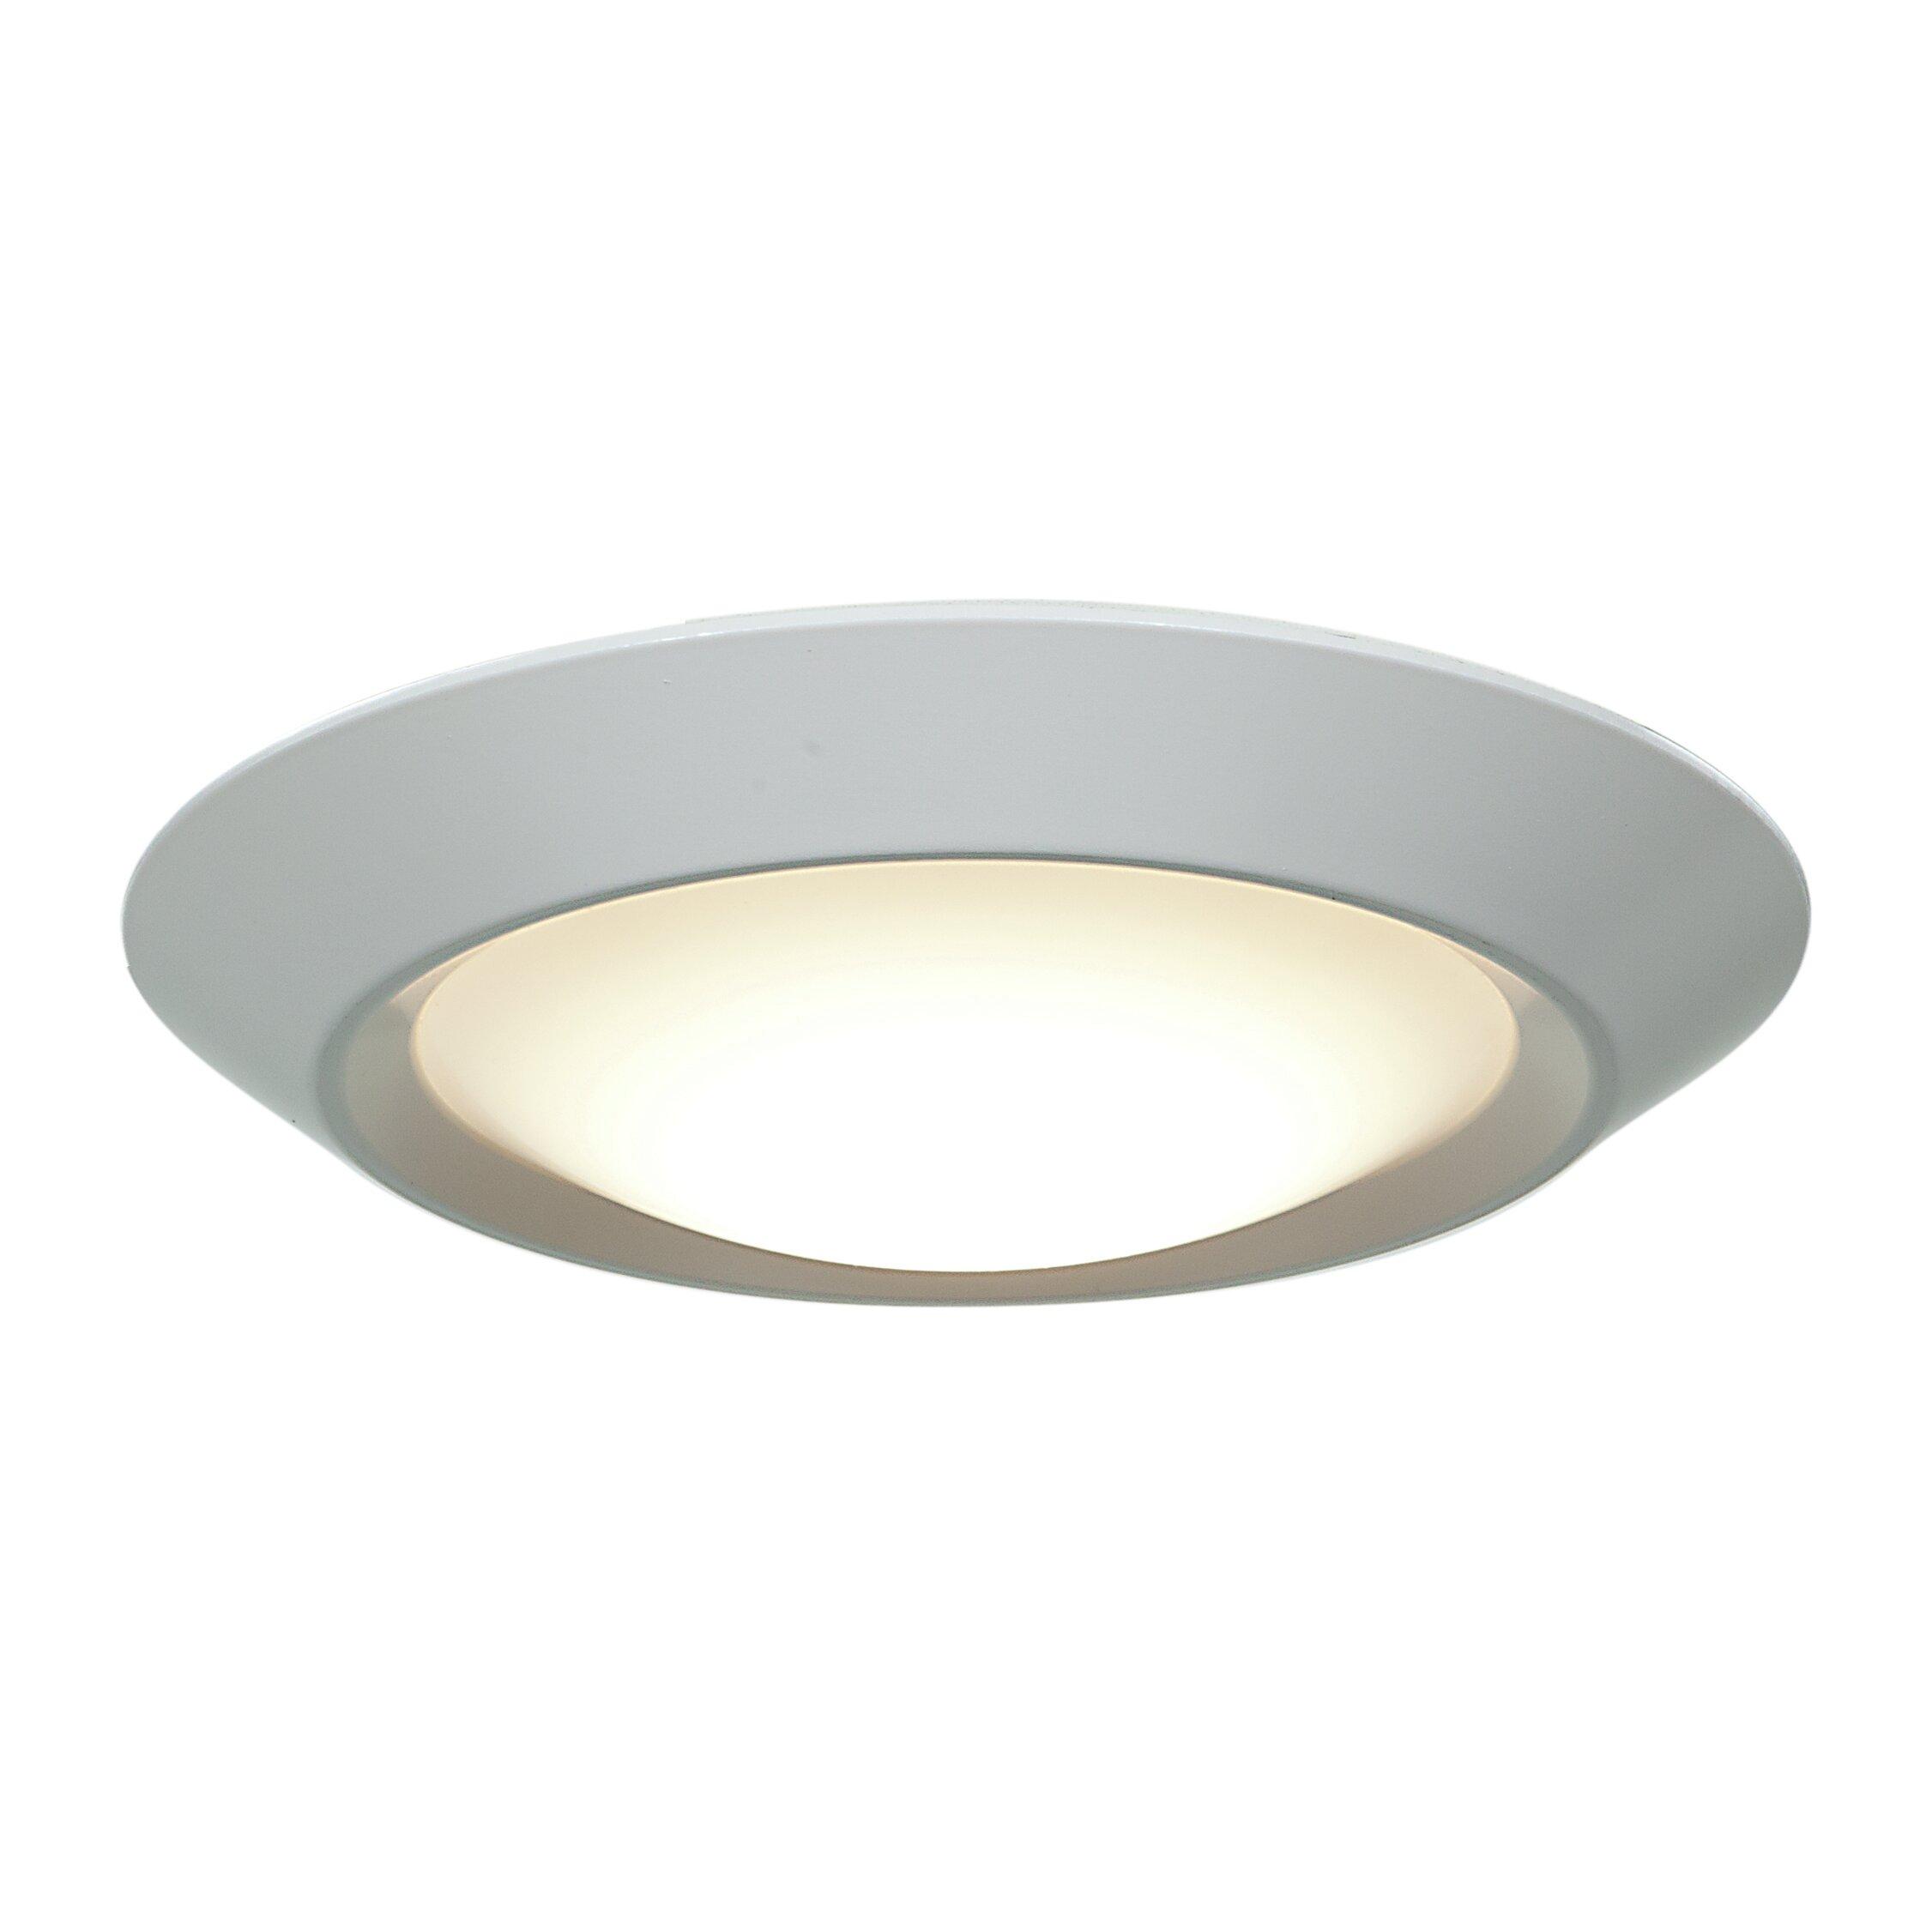 Flush Mount Lighting Over Kitchen Table